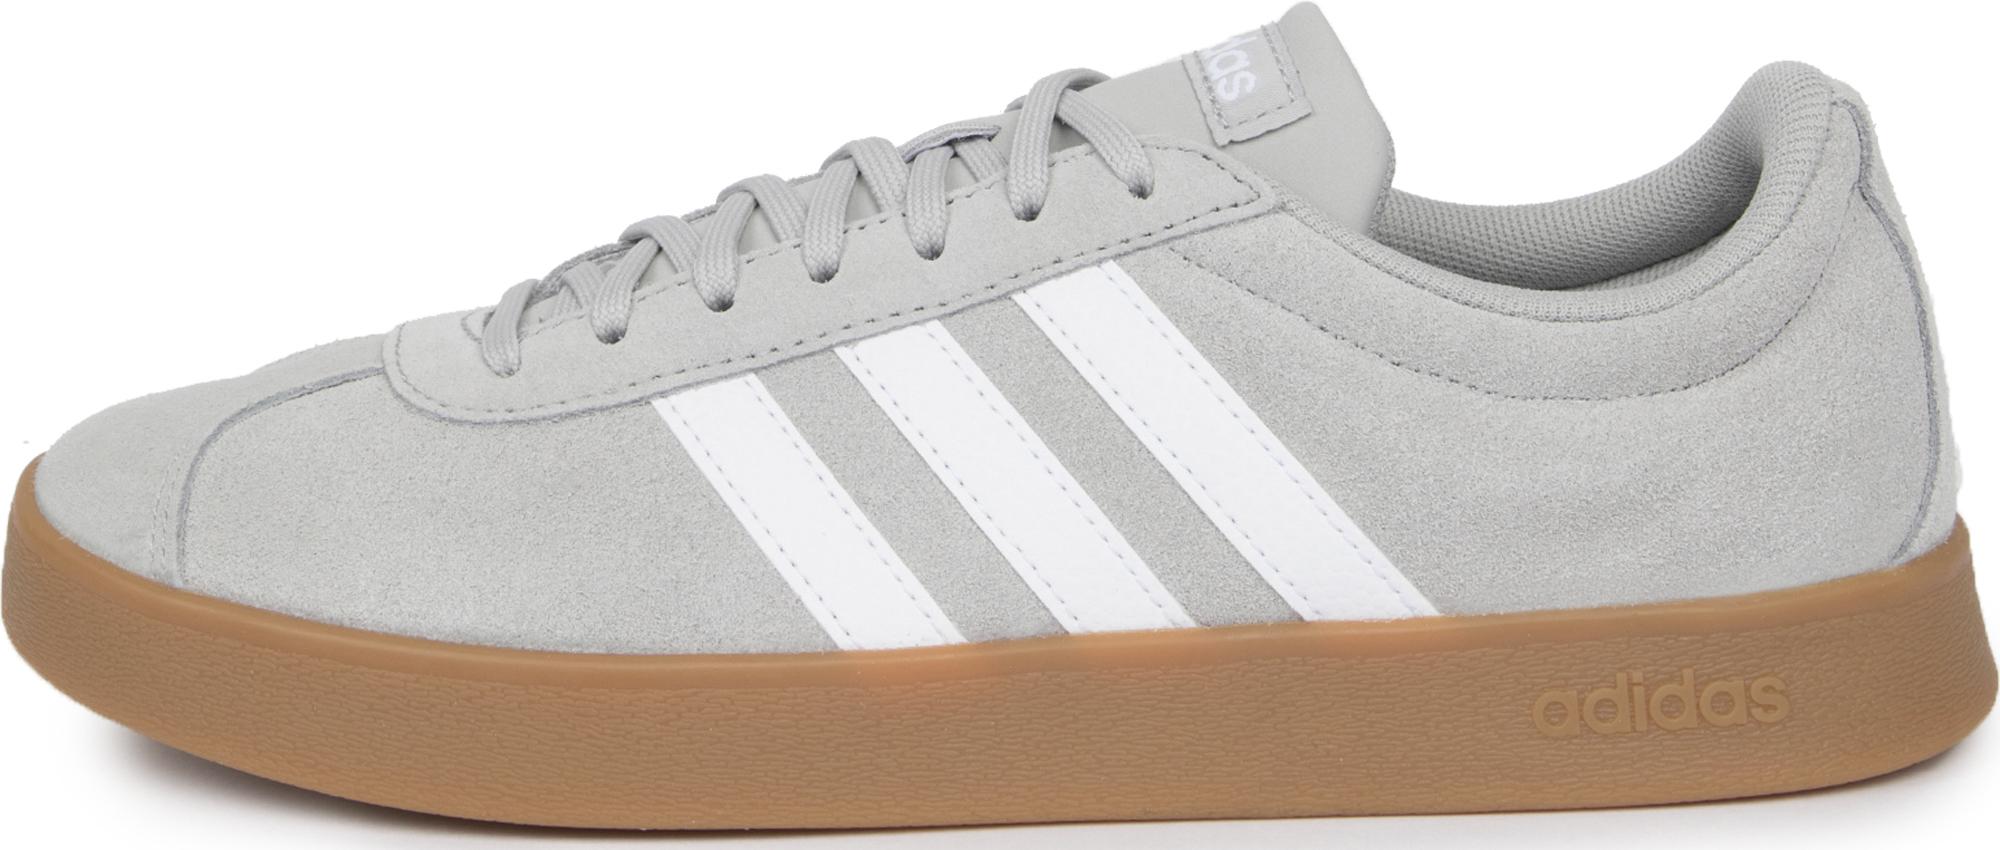 Adidas Кеды женские Adidas Vl Court 2.0, размер 37